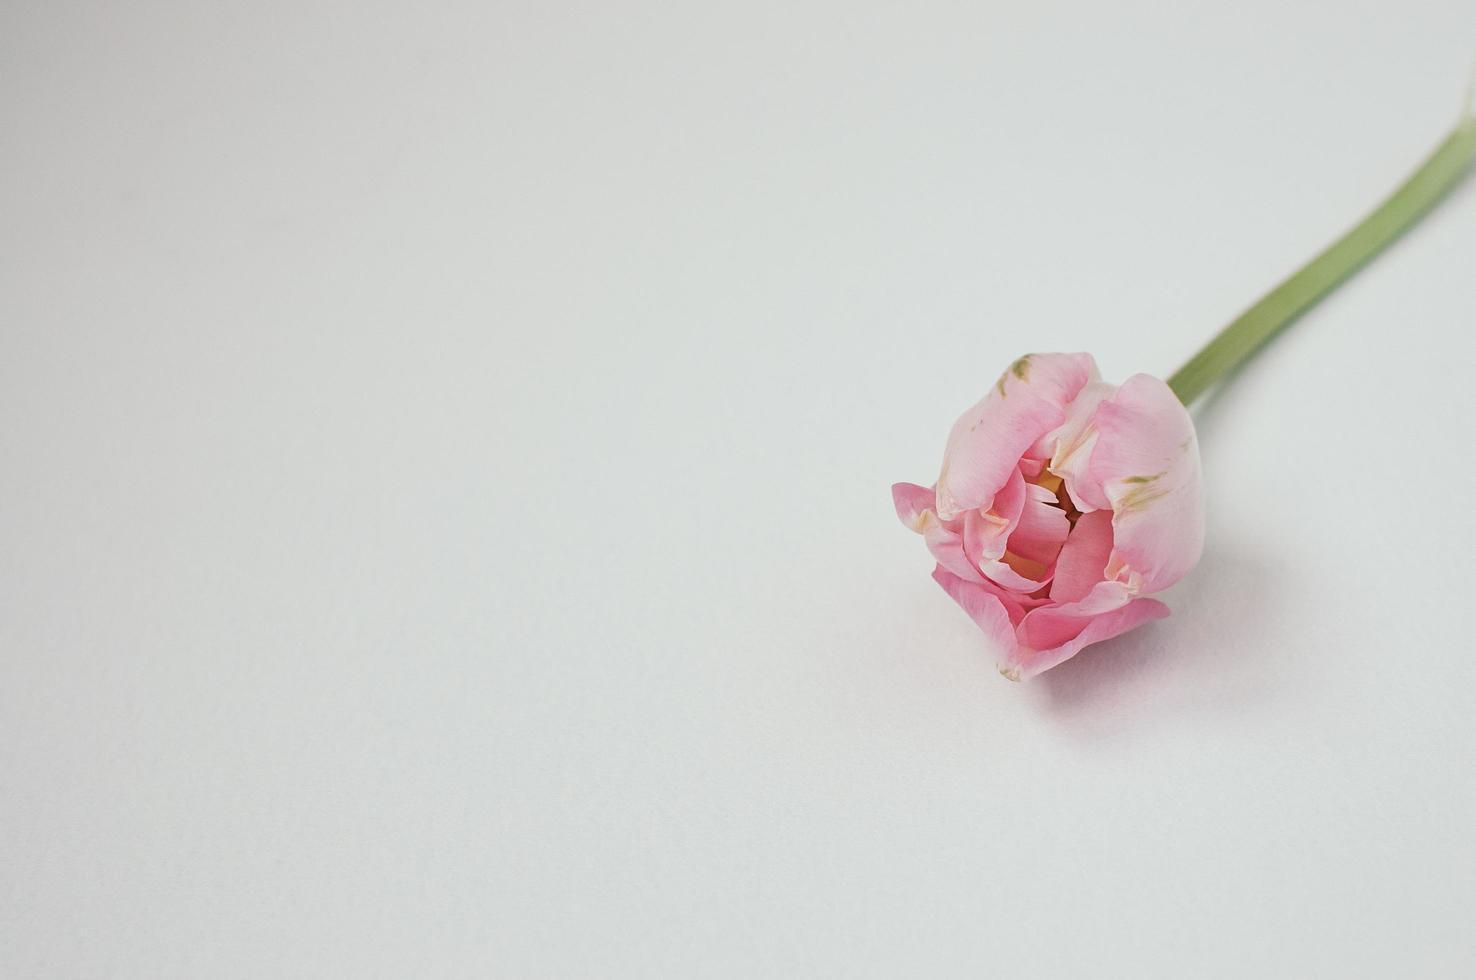 close-up van roze enkele tulp op witte achtergrond, copyspace foto